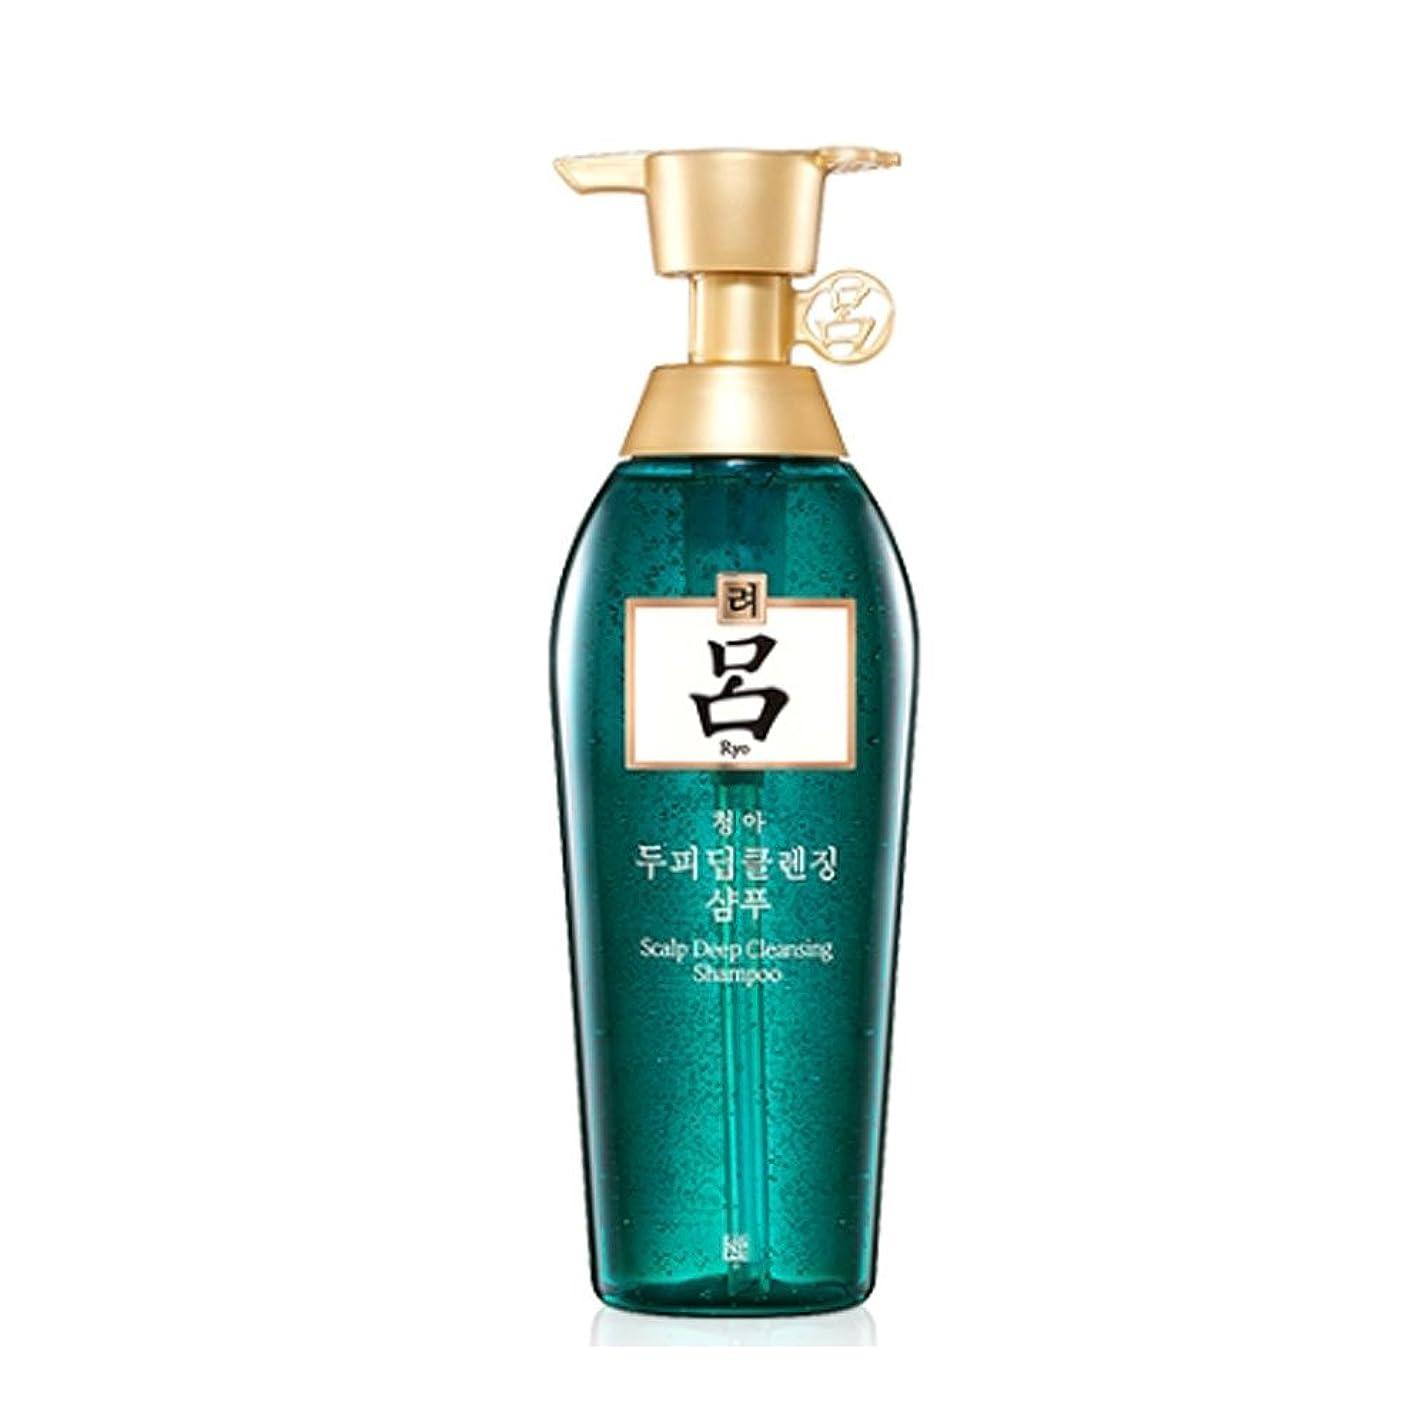 誰でもマークされたペニー[呂] リョ チョンア頭皮 シャンプー 脱毛防止シャンプー Scalp Deep Cleansing Shampoo 500ml  [並行輸入品]